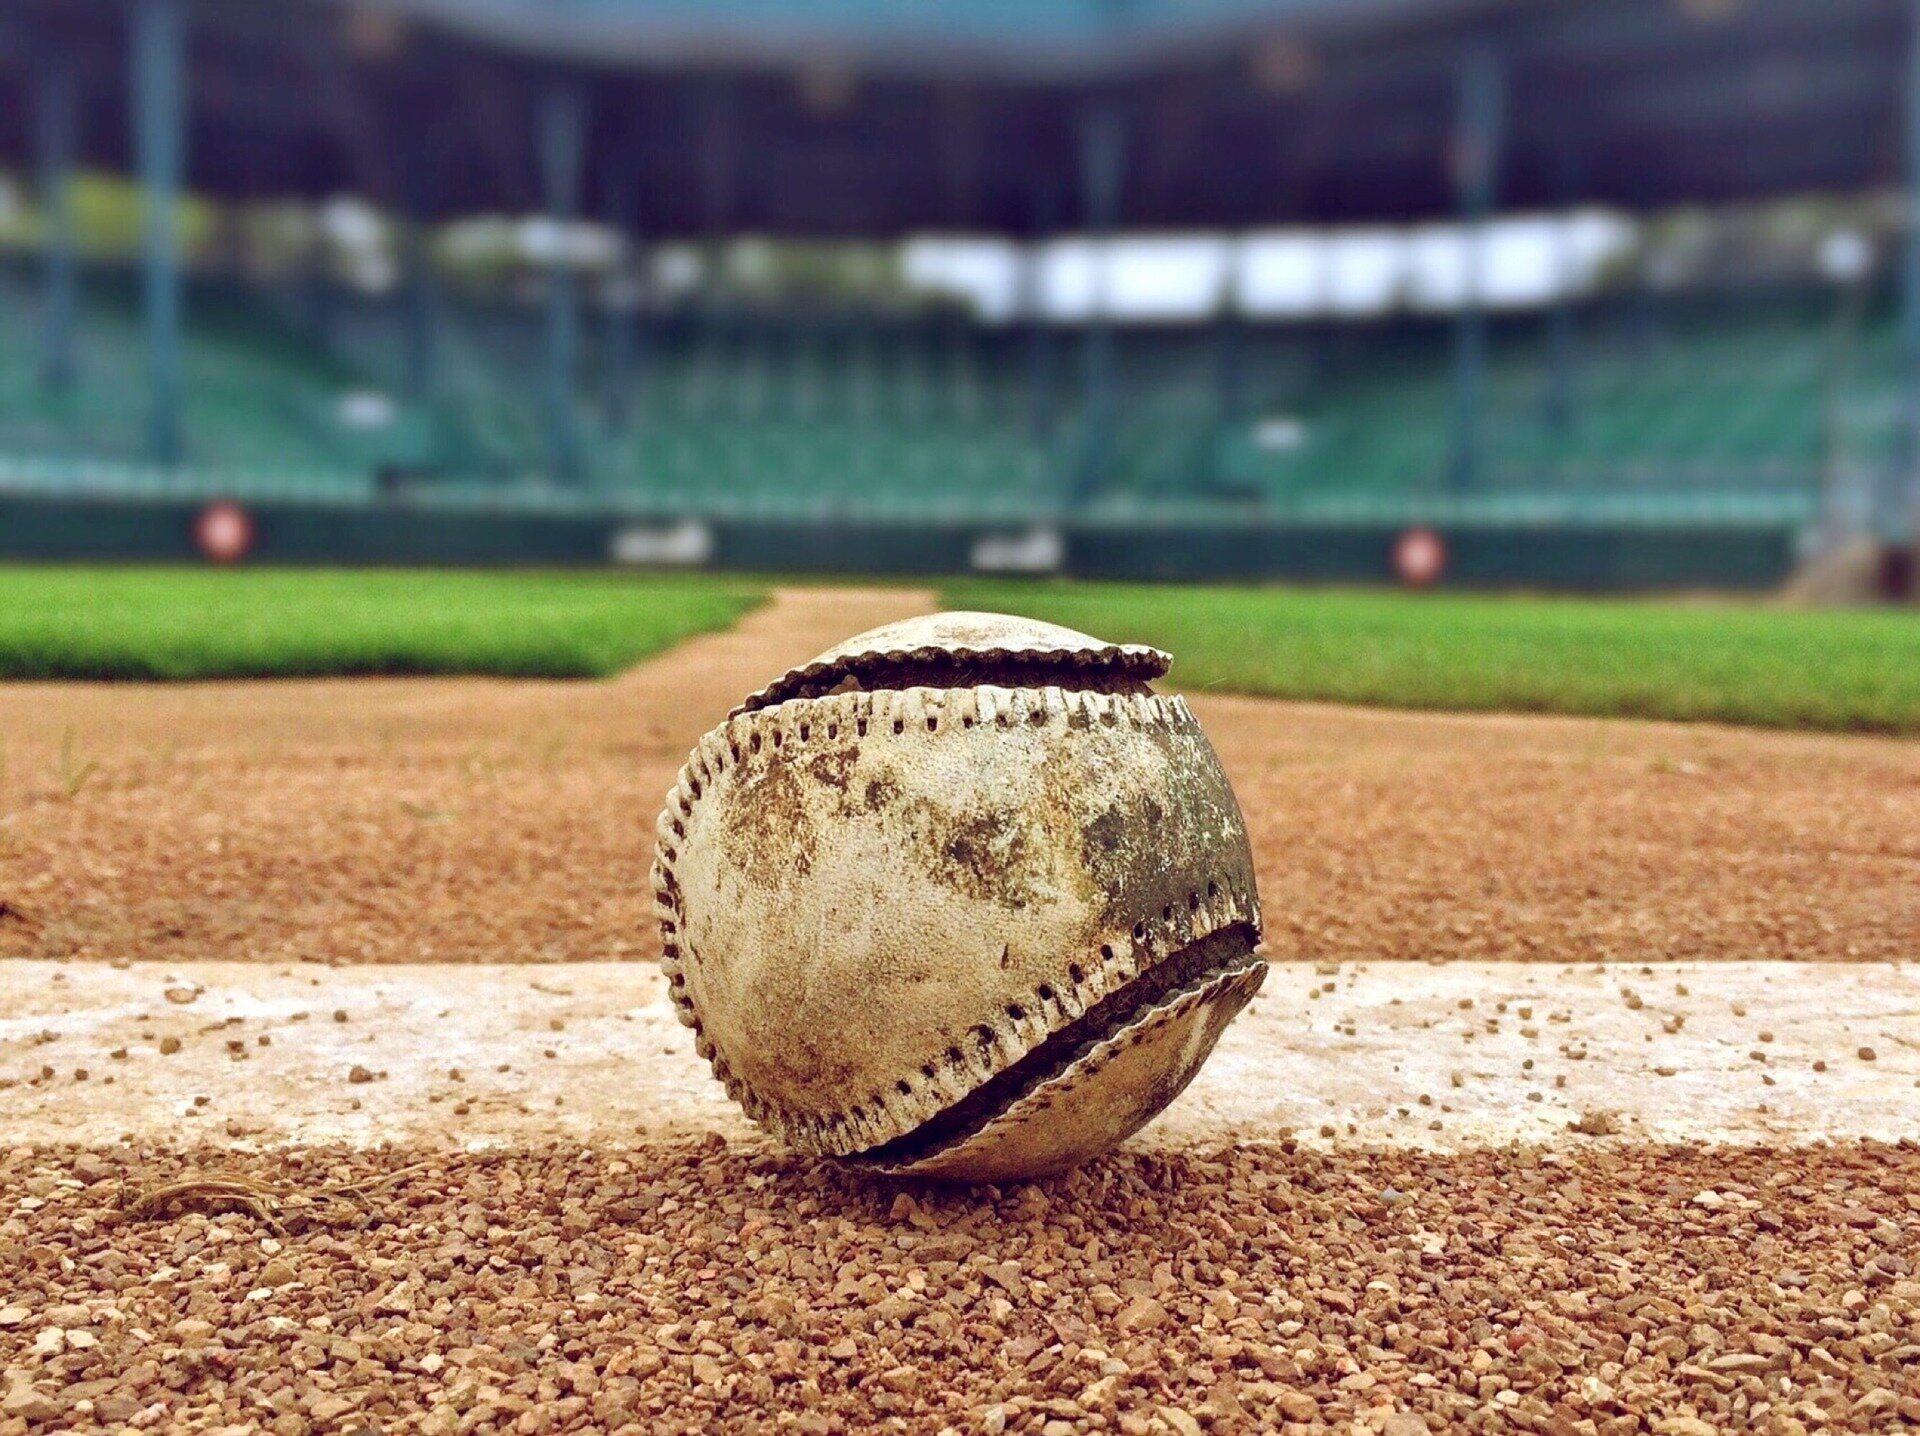 Olympic Baseball Softball Tokyo 2020 Games Postponed To 2021 In 2020 Olympic Baseball Baseball Coach Baseball Quotes